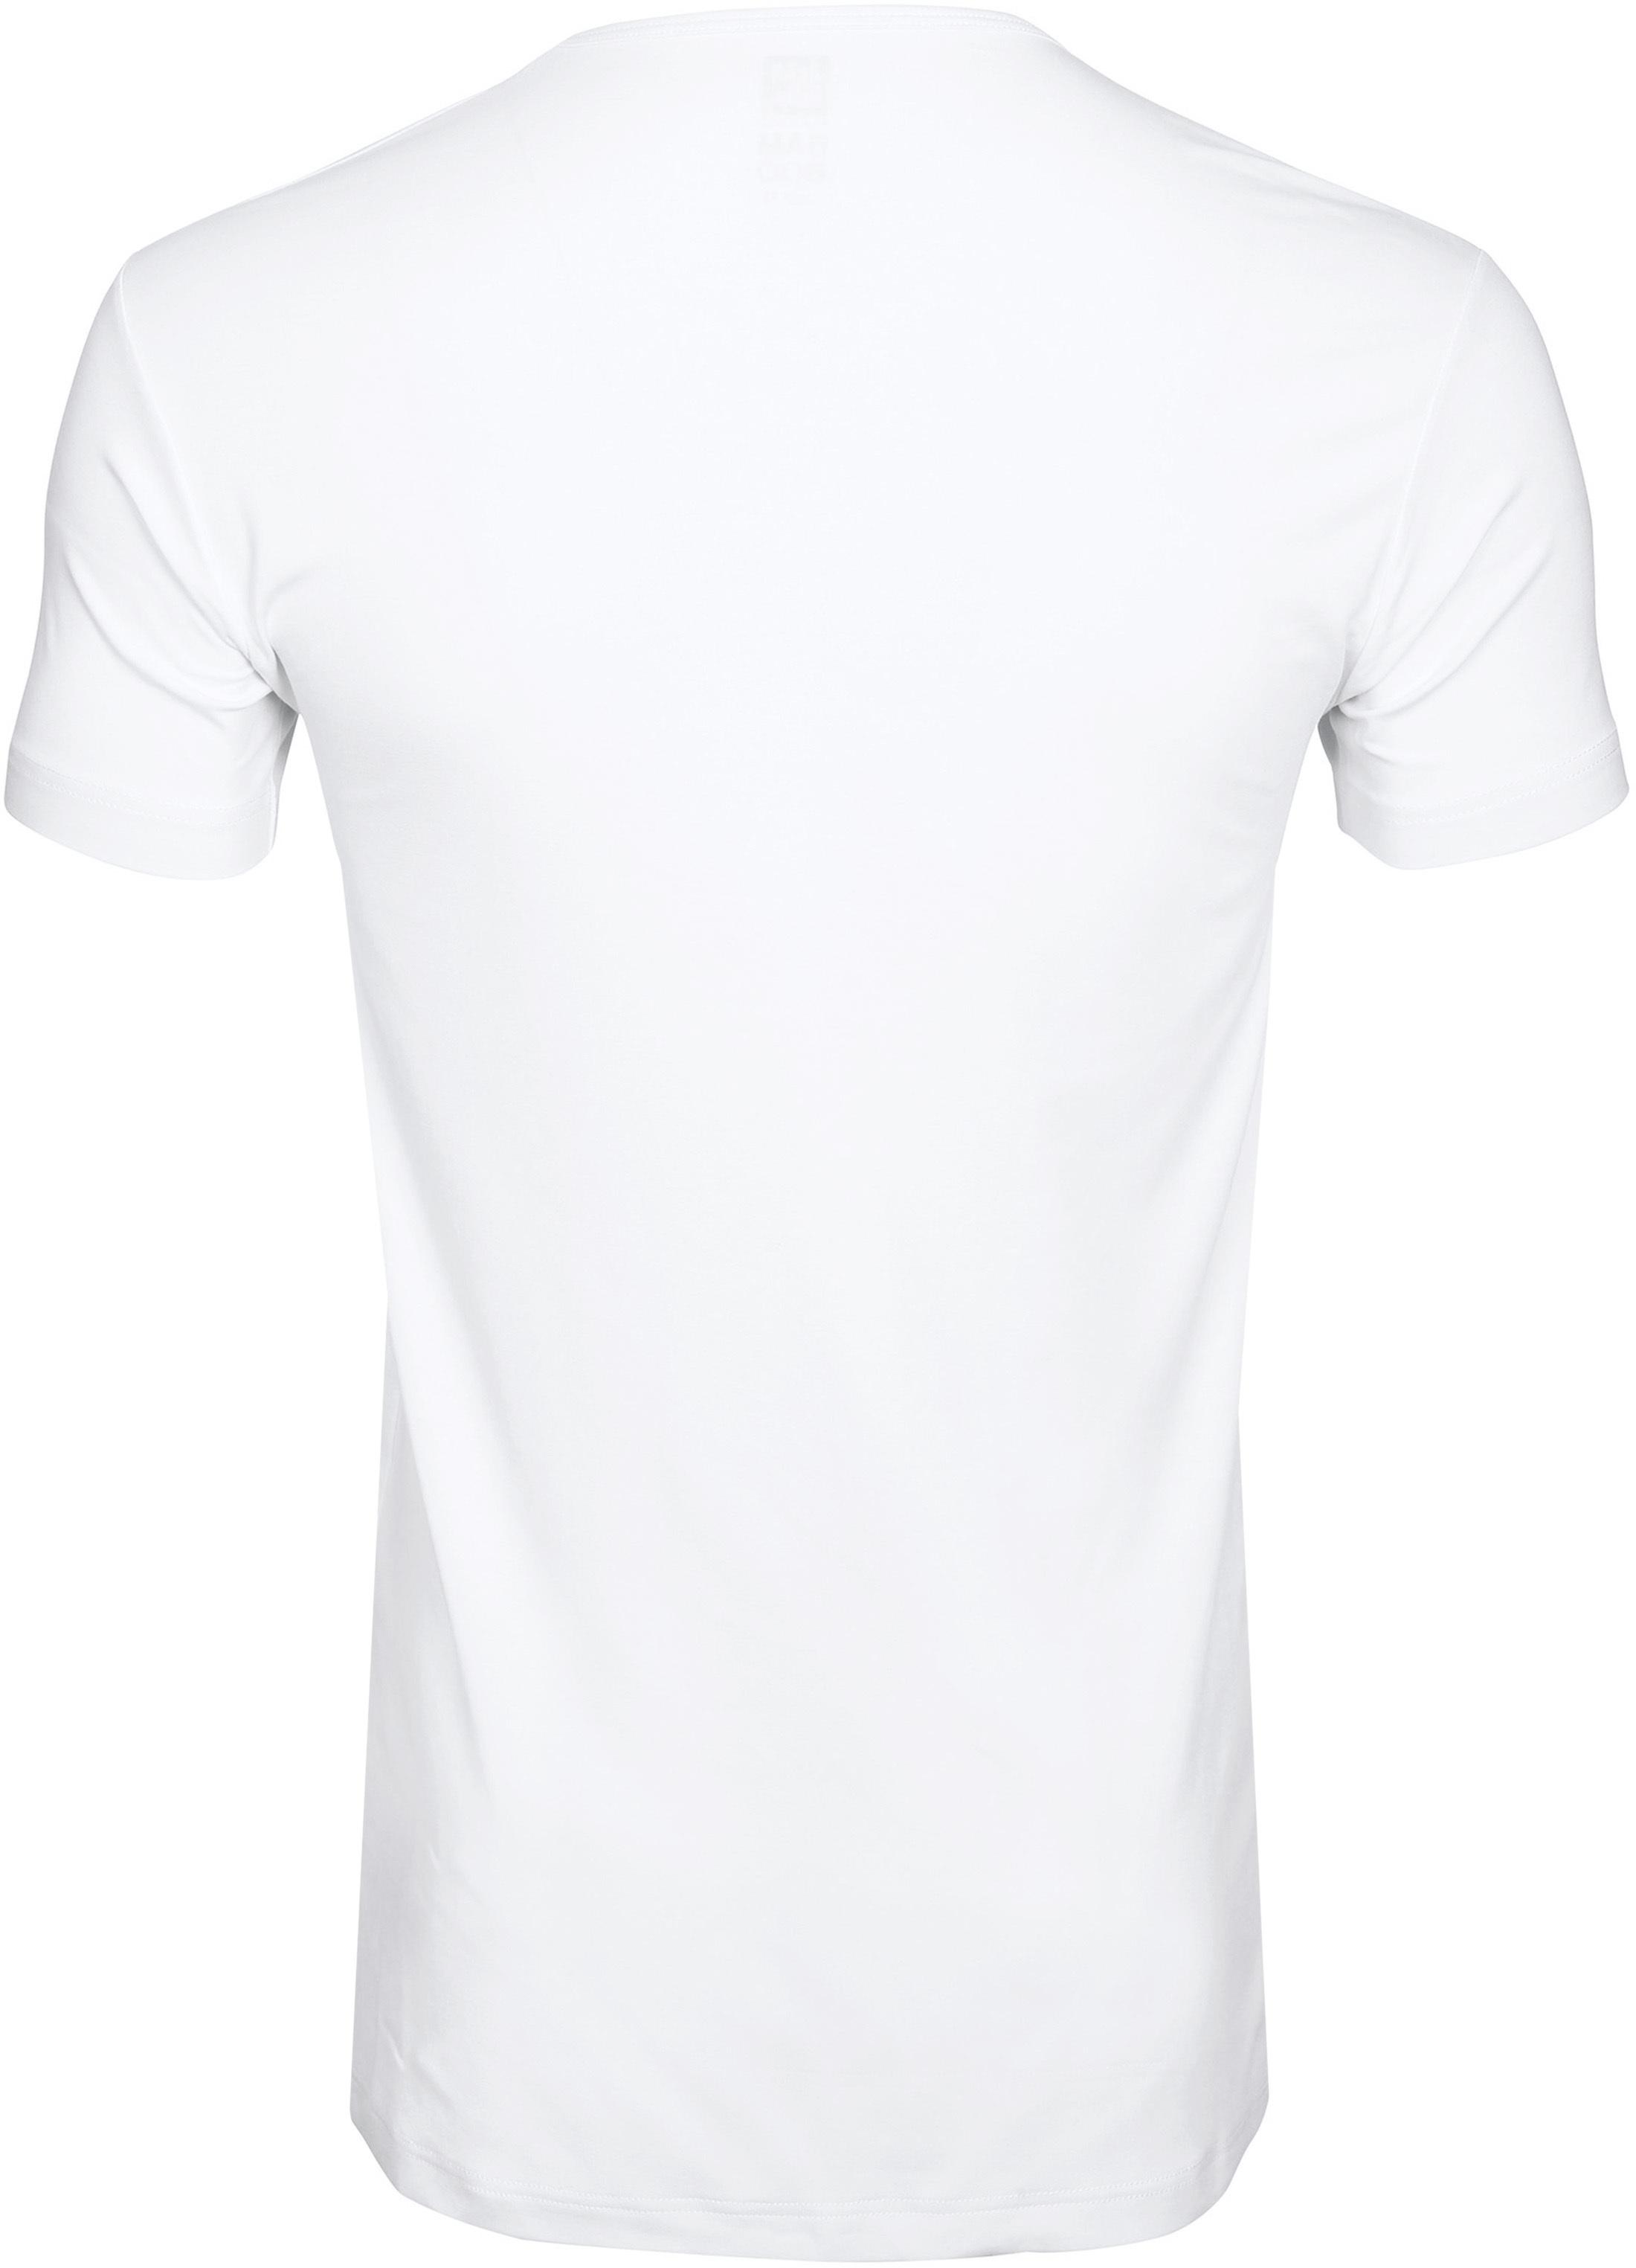 Alan Red Bamboo T-shirt V-Ausschnitt Weiß foto 2